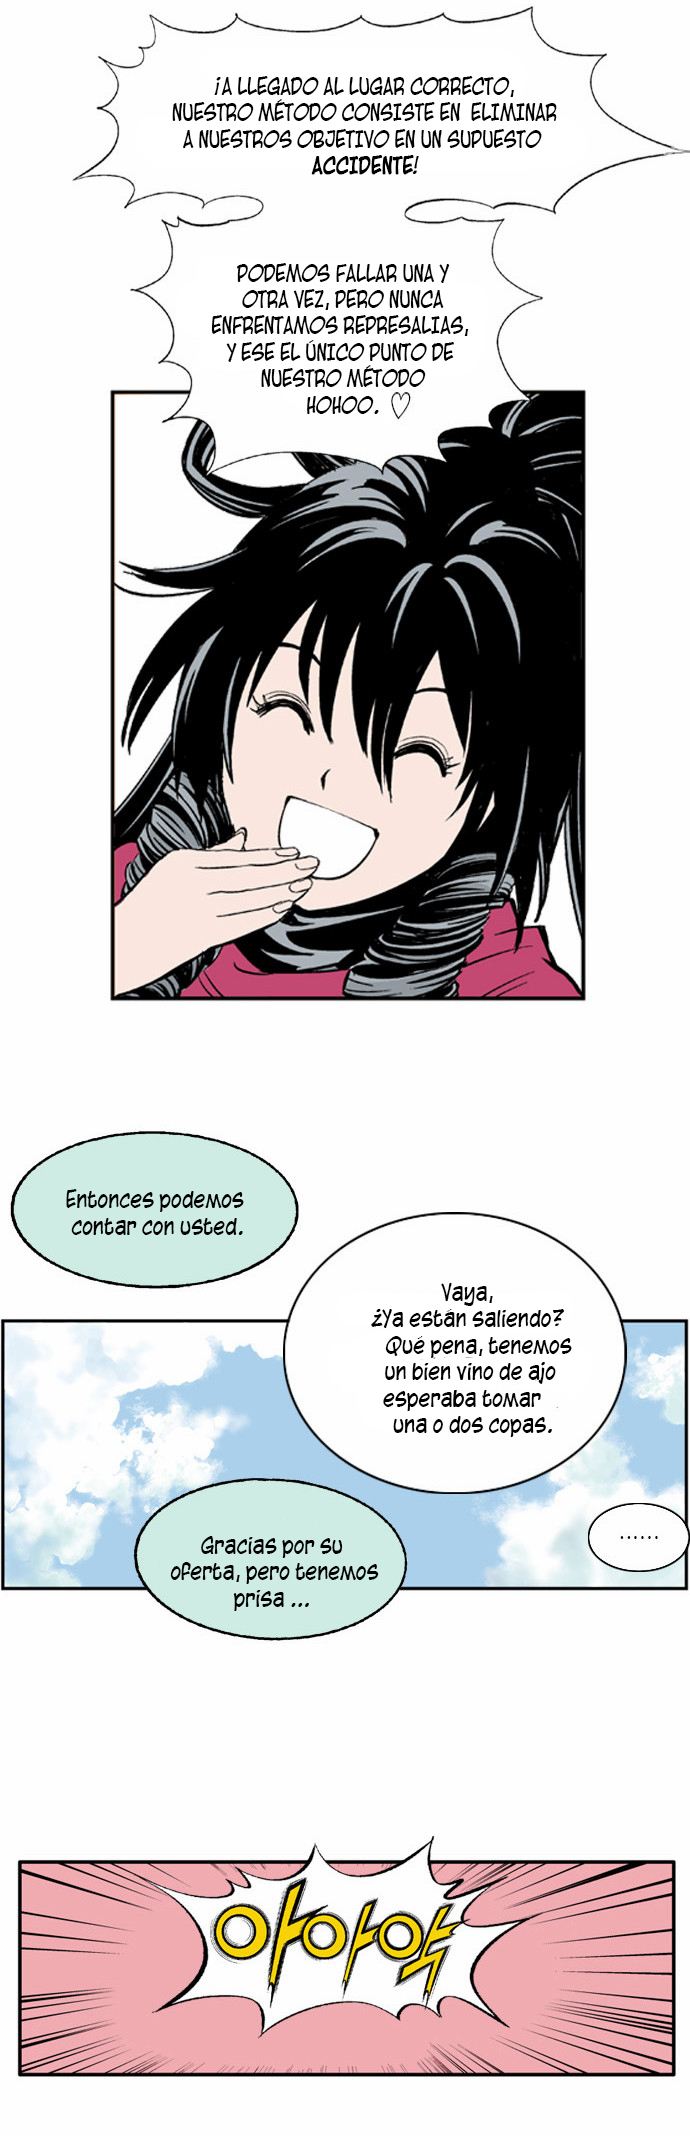 https://c5.ninemanga.com/es_manga/9/18249/431702/175e9308ea835facdc5c74c75acc450f.jpg Page 9